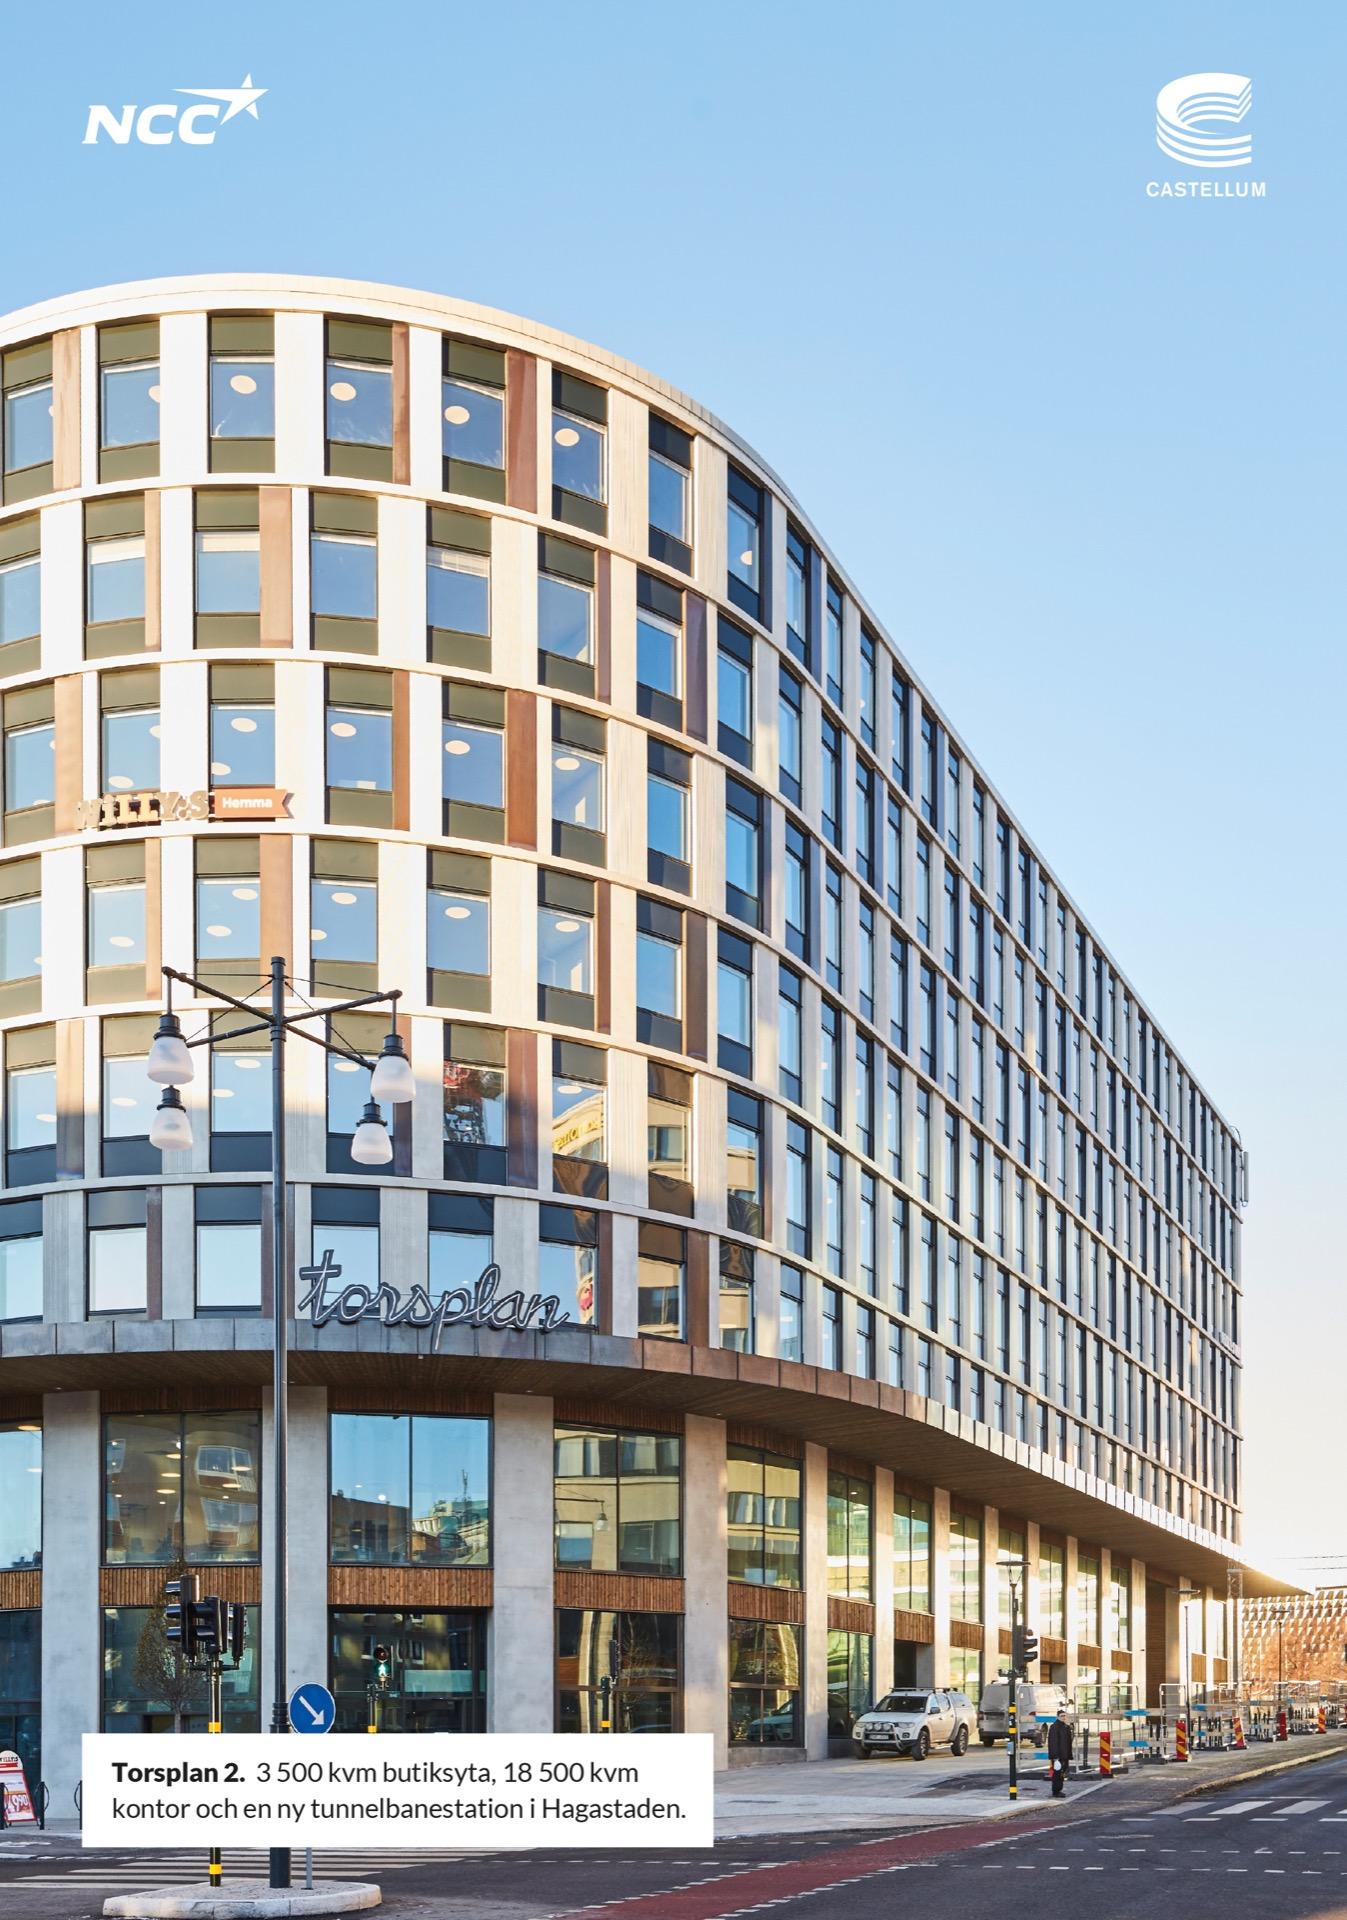 Torsplan 2. 3 500 kvm butiksyta, 18 500 kvm kontor och en ny tunnelbanestation i Hagastaden. NCC & Castellum